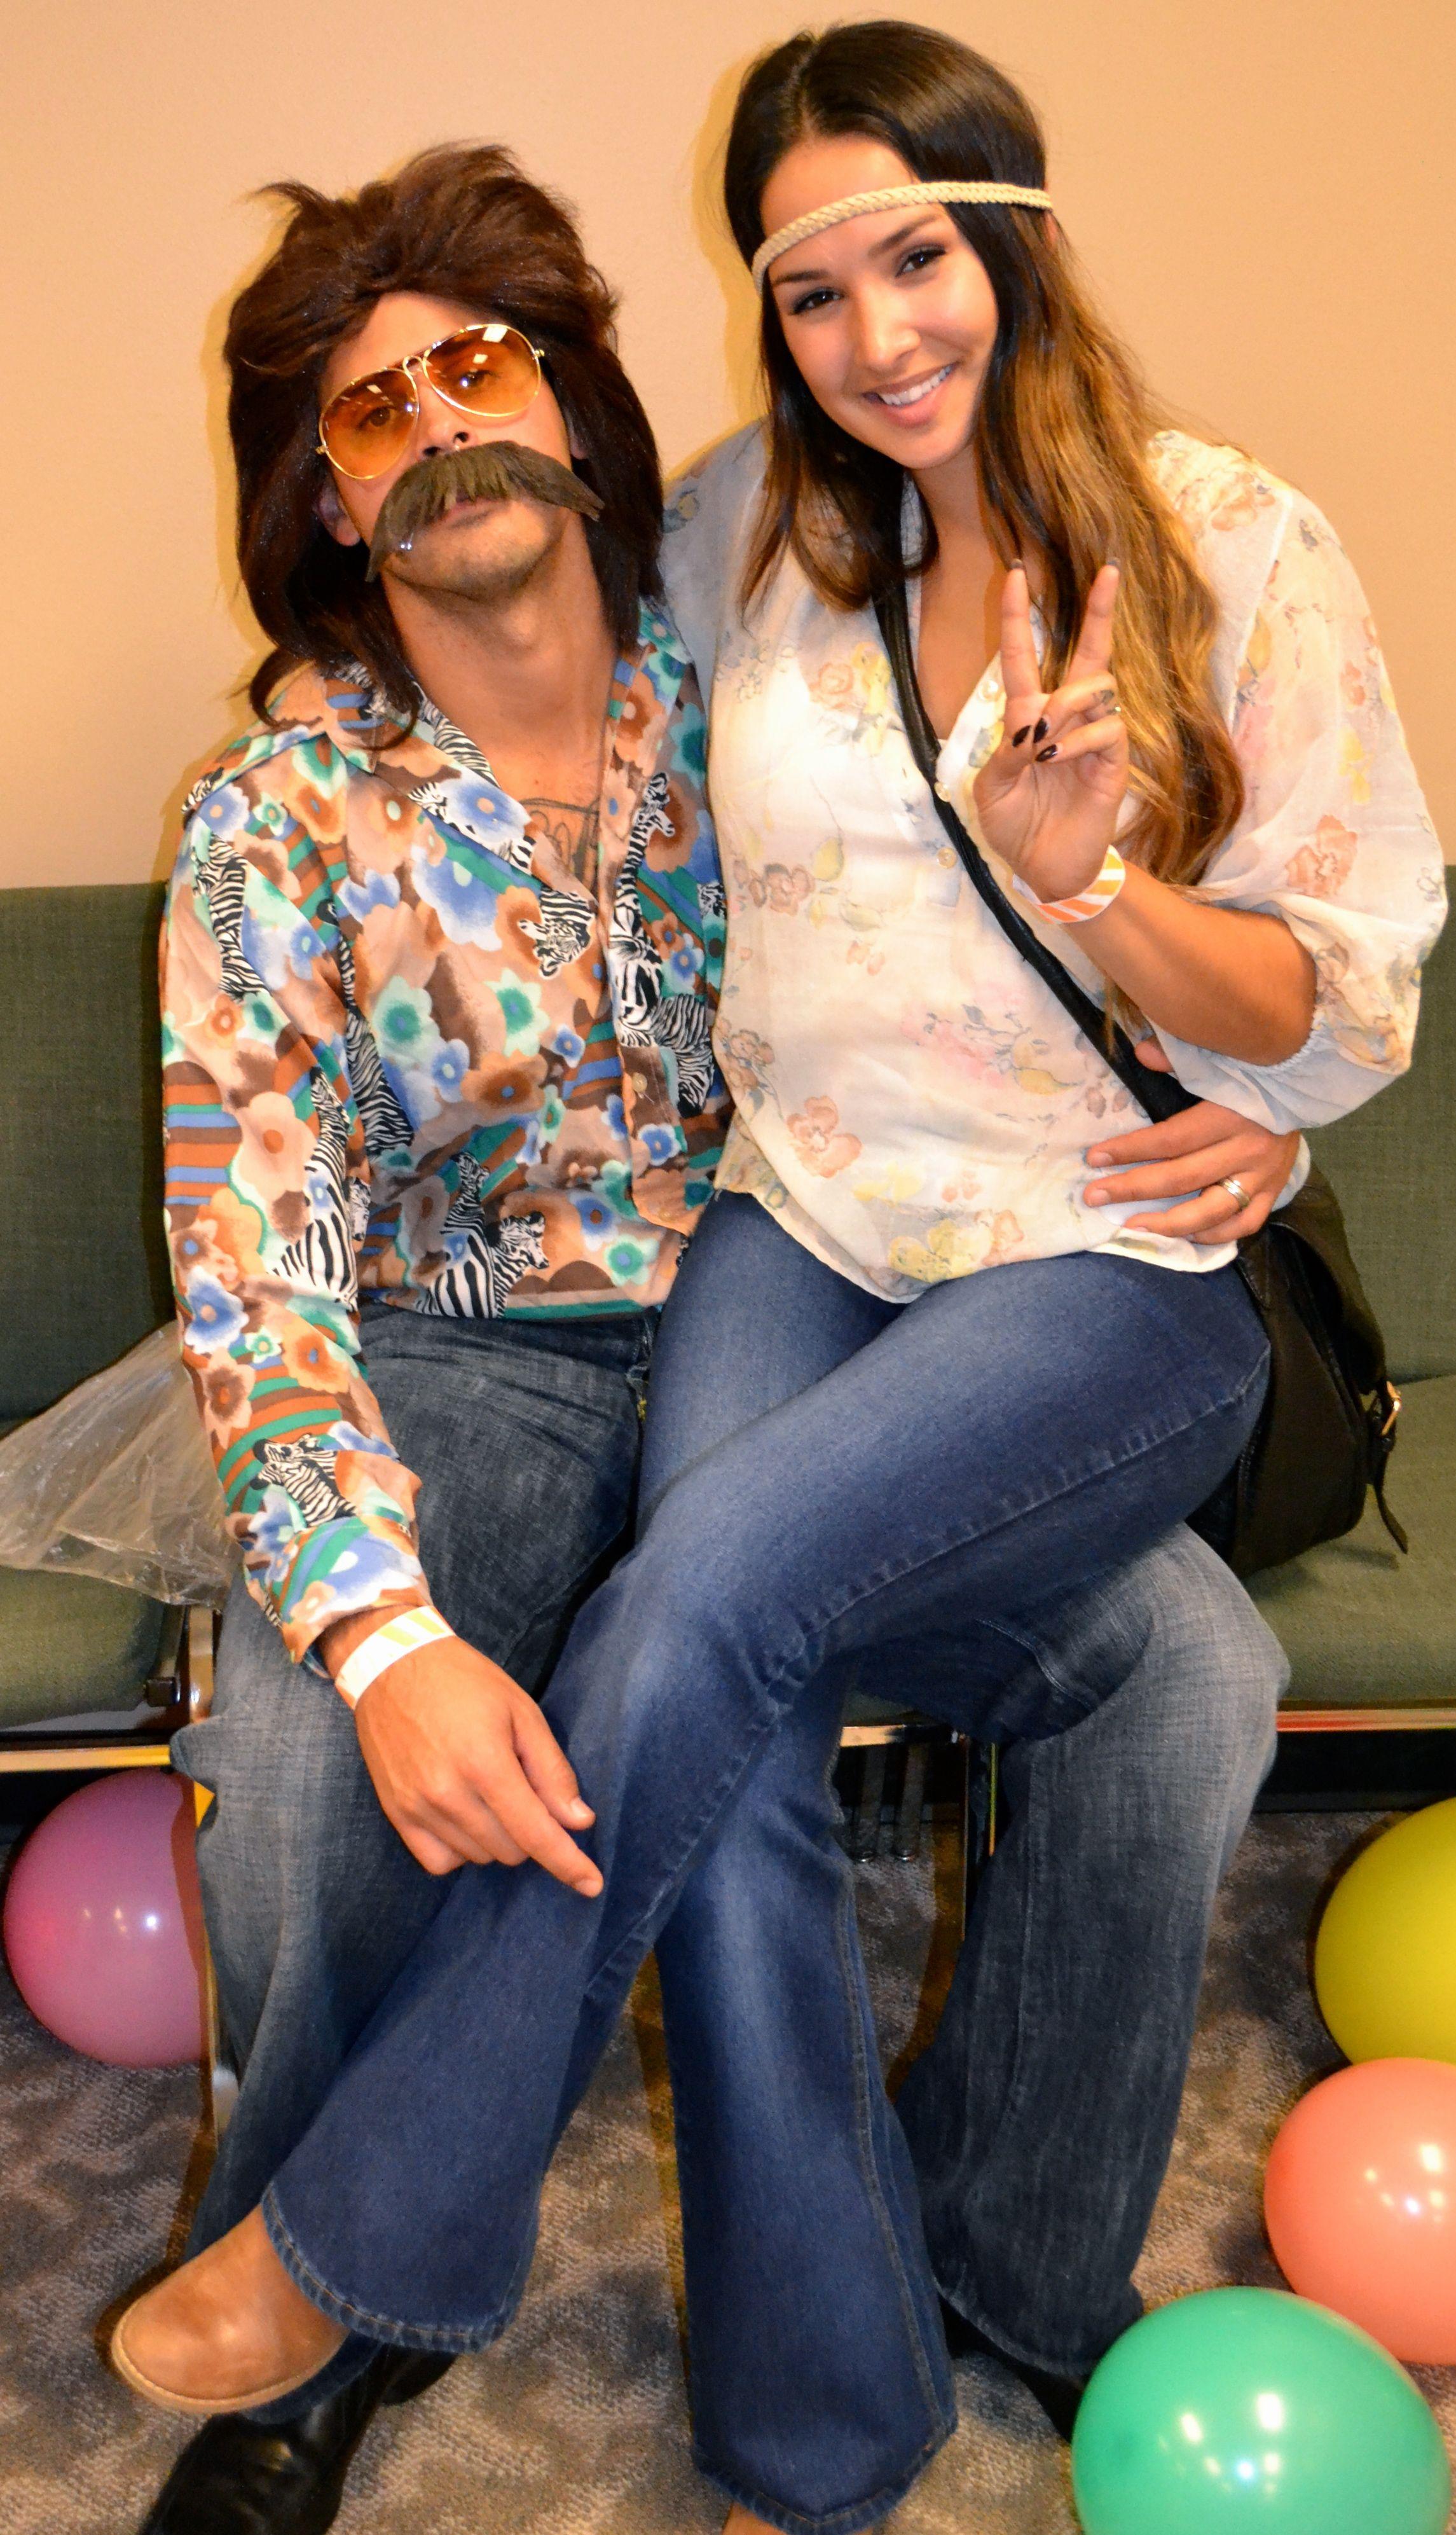 diy couples halloween costume hippies | diy Halloween costumes ...